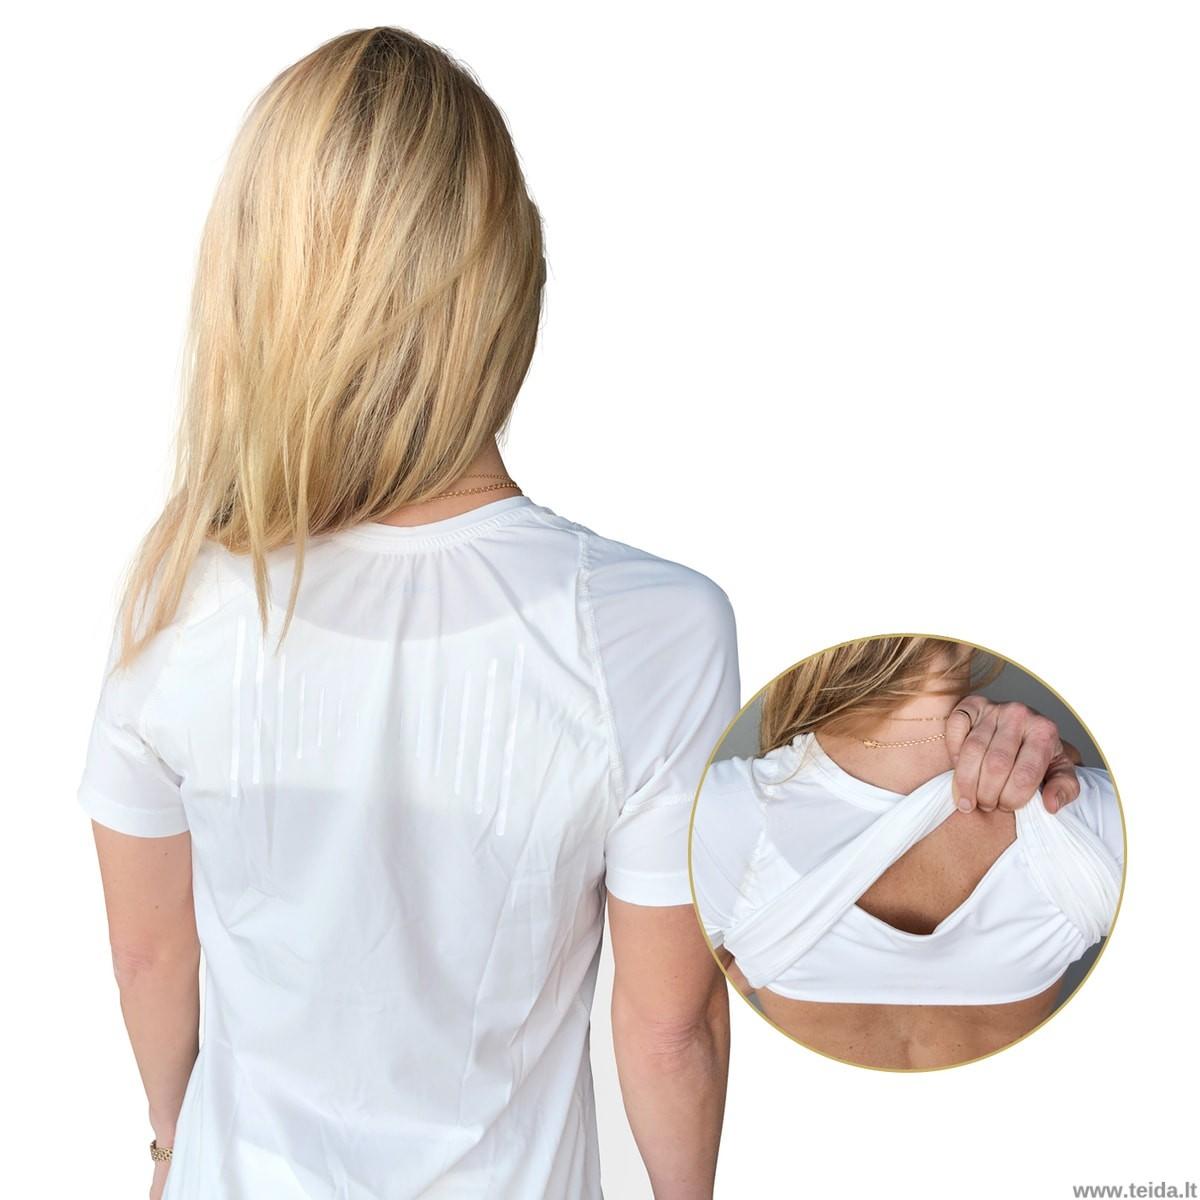 Laikyseną koreguojantys marškinėliai moterims, baltos spalvos, dydis S